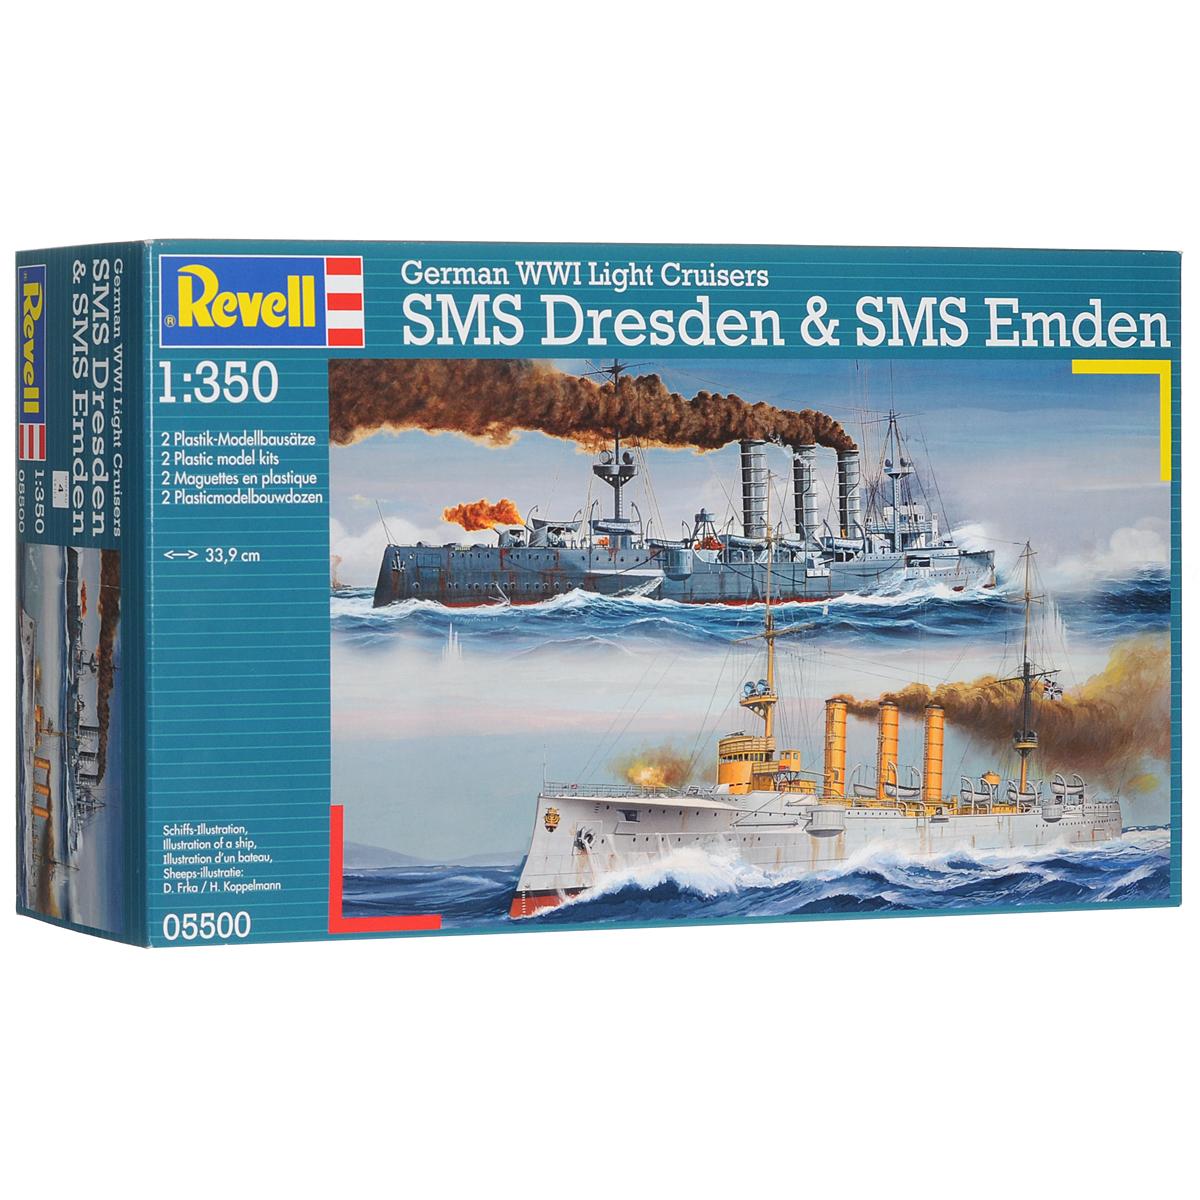 Сборная модель Revell Немецкие крейсеры SMS Dresden and SMS Emden05500Сборная модель Revell Немецкие крейсеры SMS Dresden and SMS Emden поможет вам и вашему ребенку придумать увлекательное занятие на долгое время. Набор включает в себя 282 пластиковых элемента, из которых можно собрать достоверную уменьшенную копию одноименных кораблей. Dresden - немецкий бронепалубный крейсер времен Первой мировой войны, головной корабль в серии двух однотипных крейсеров, вторым был знаменитый рейдер Emden. Крейсер входил в состав Восточно-Азиатской крейсерской эскадры, участвовал в бою у Коронеля, стал единственным немецким кораблем, спасшимся в бою у Фолклендских островов. Emden - немецкий бронепалубный крейсер времен Первой мировой войны. Получил известность благодаря успешным рейдерским действиям против торгового судоходства и военных кораблей союзников в Индийском океане. С 1 августа по 9 ноября 1914 года захватил 23 торговых судна, потопил русский крейсер и французский эсминец. Особо отмечалось строгое соблюдение законов и обычаев...